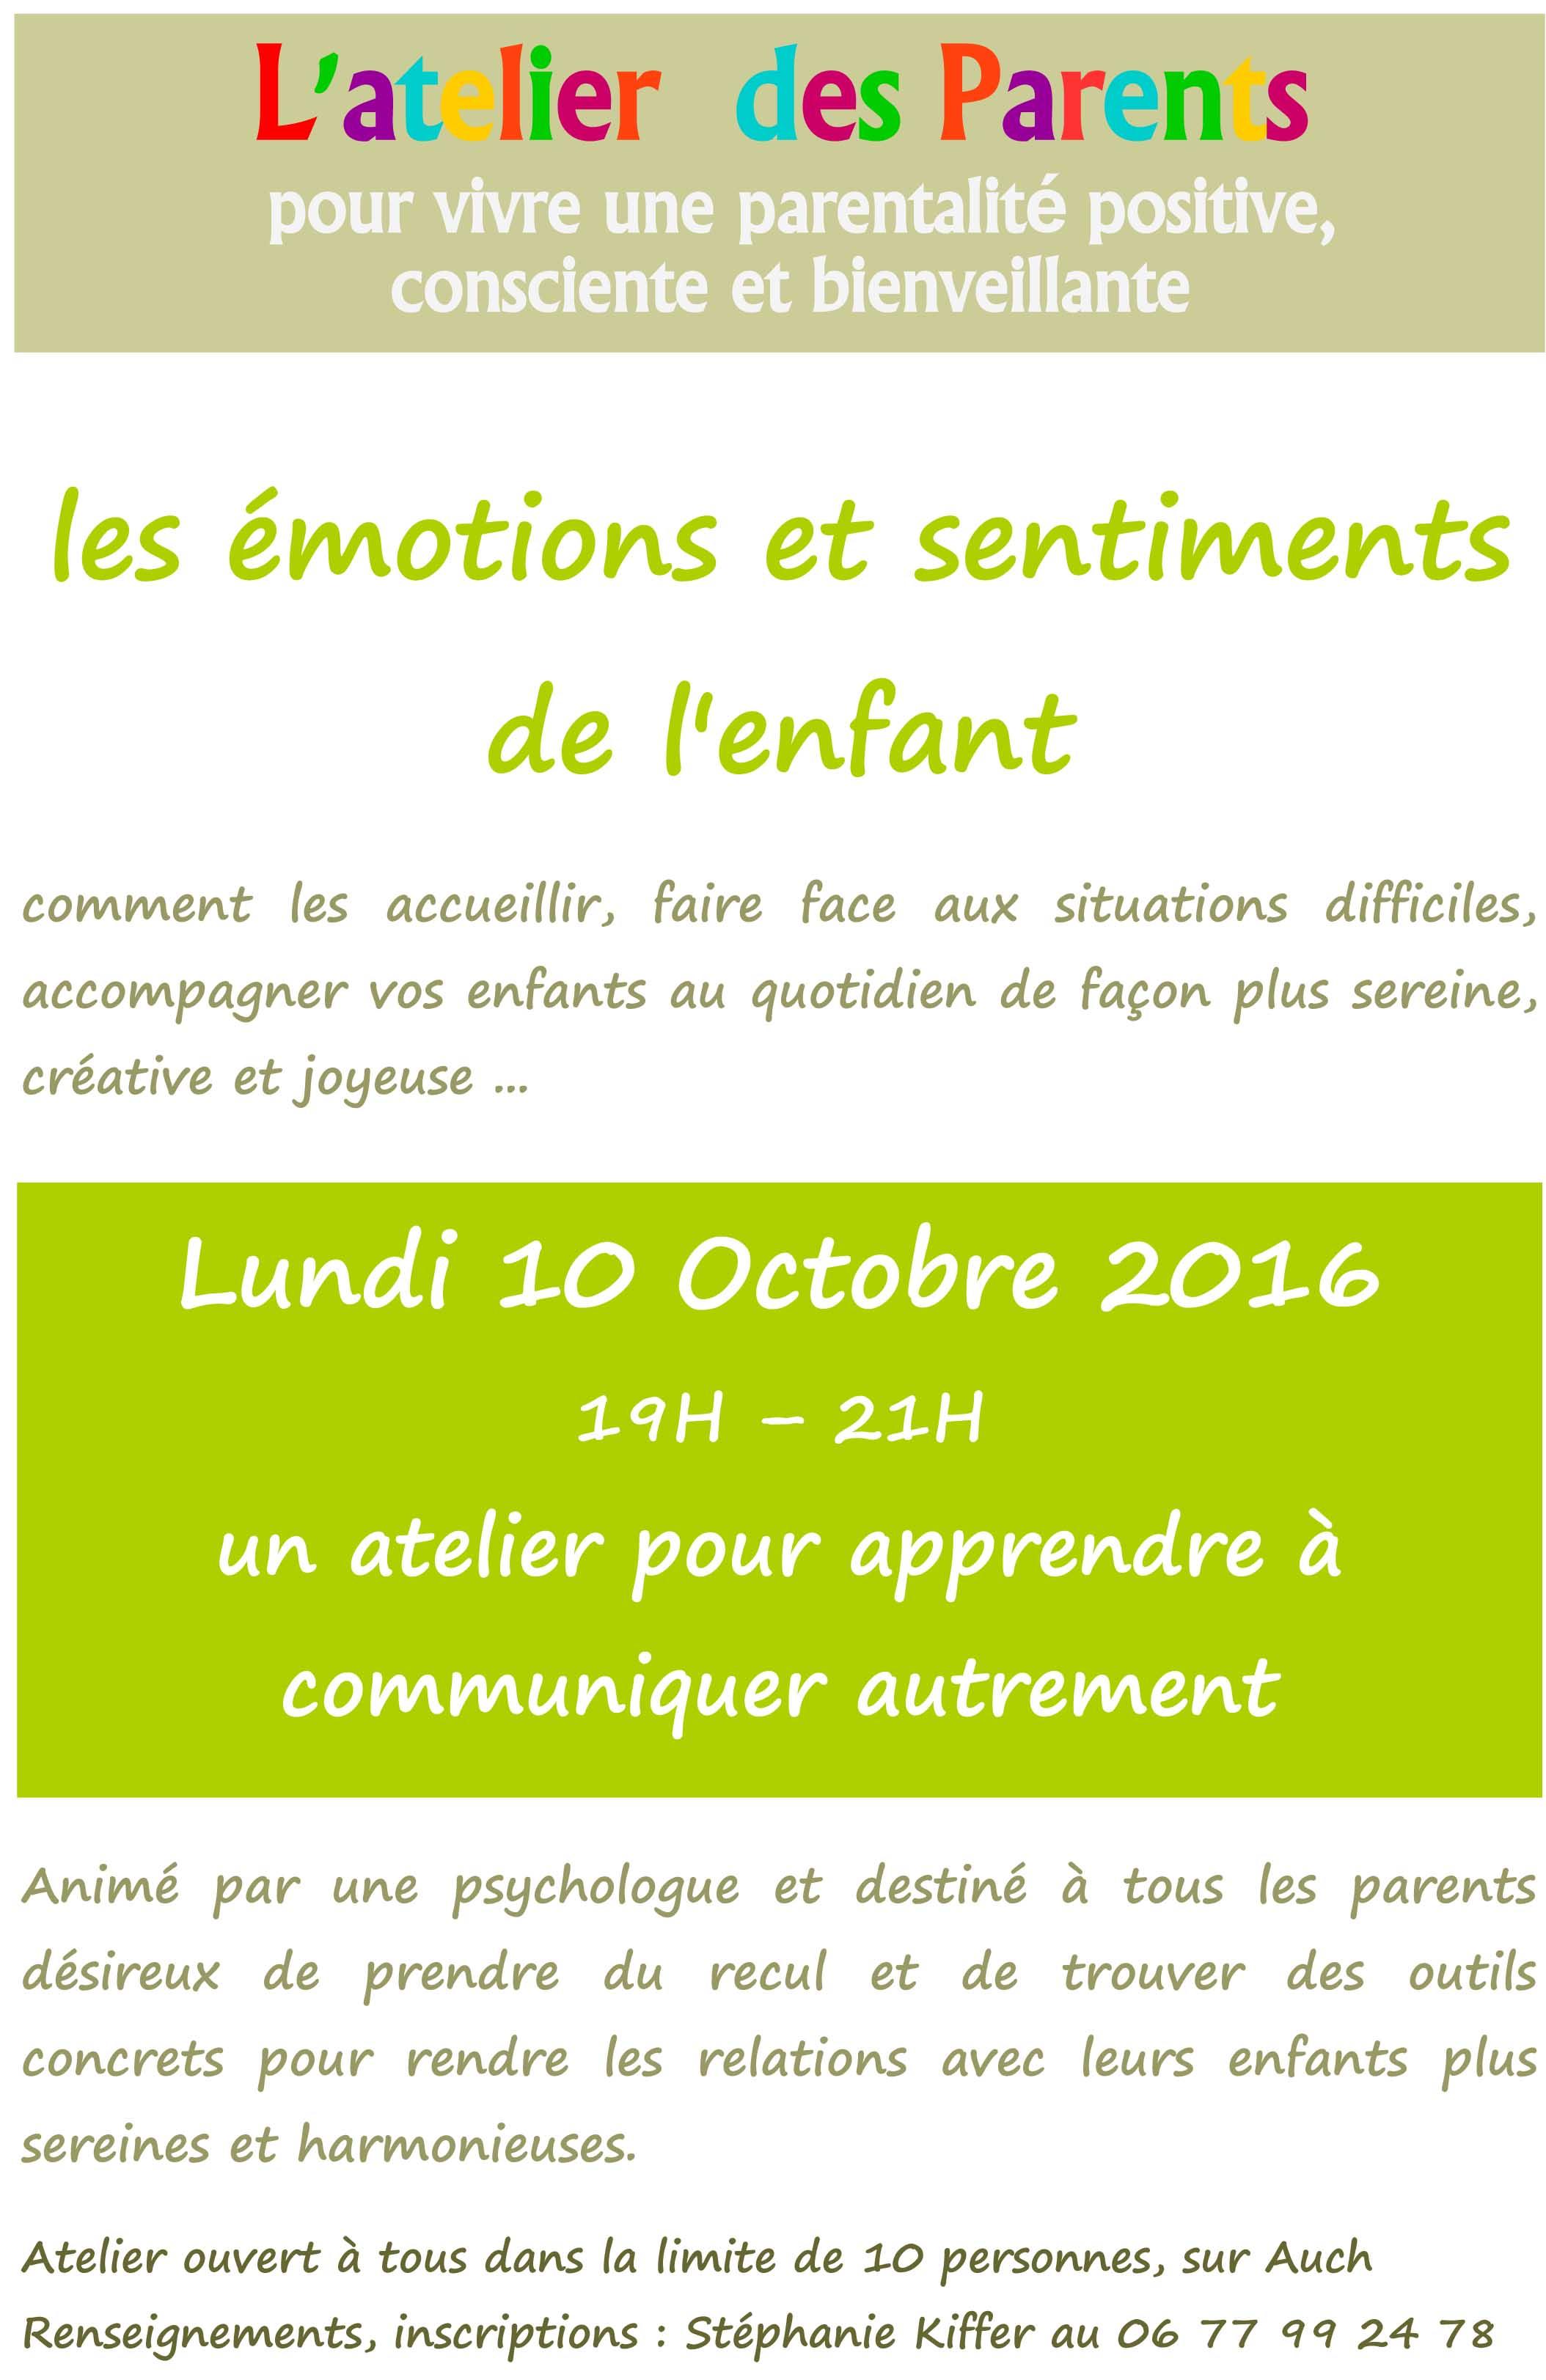 atelier-parents-affiche-1-sentiments-et-emotions-vert